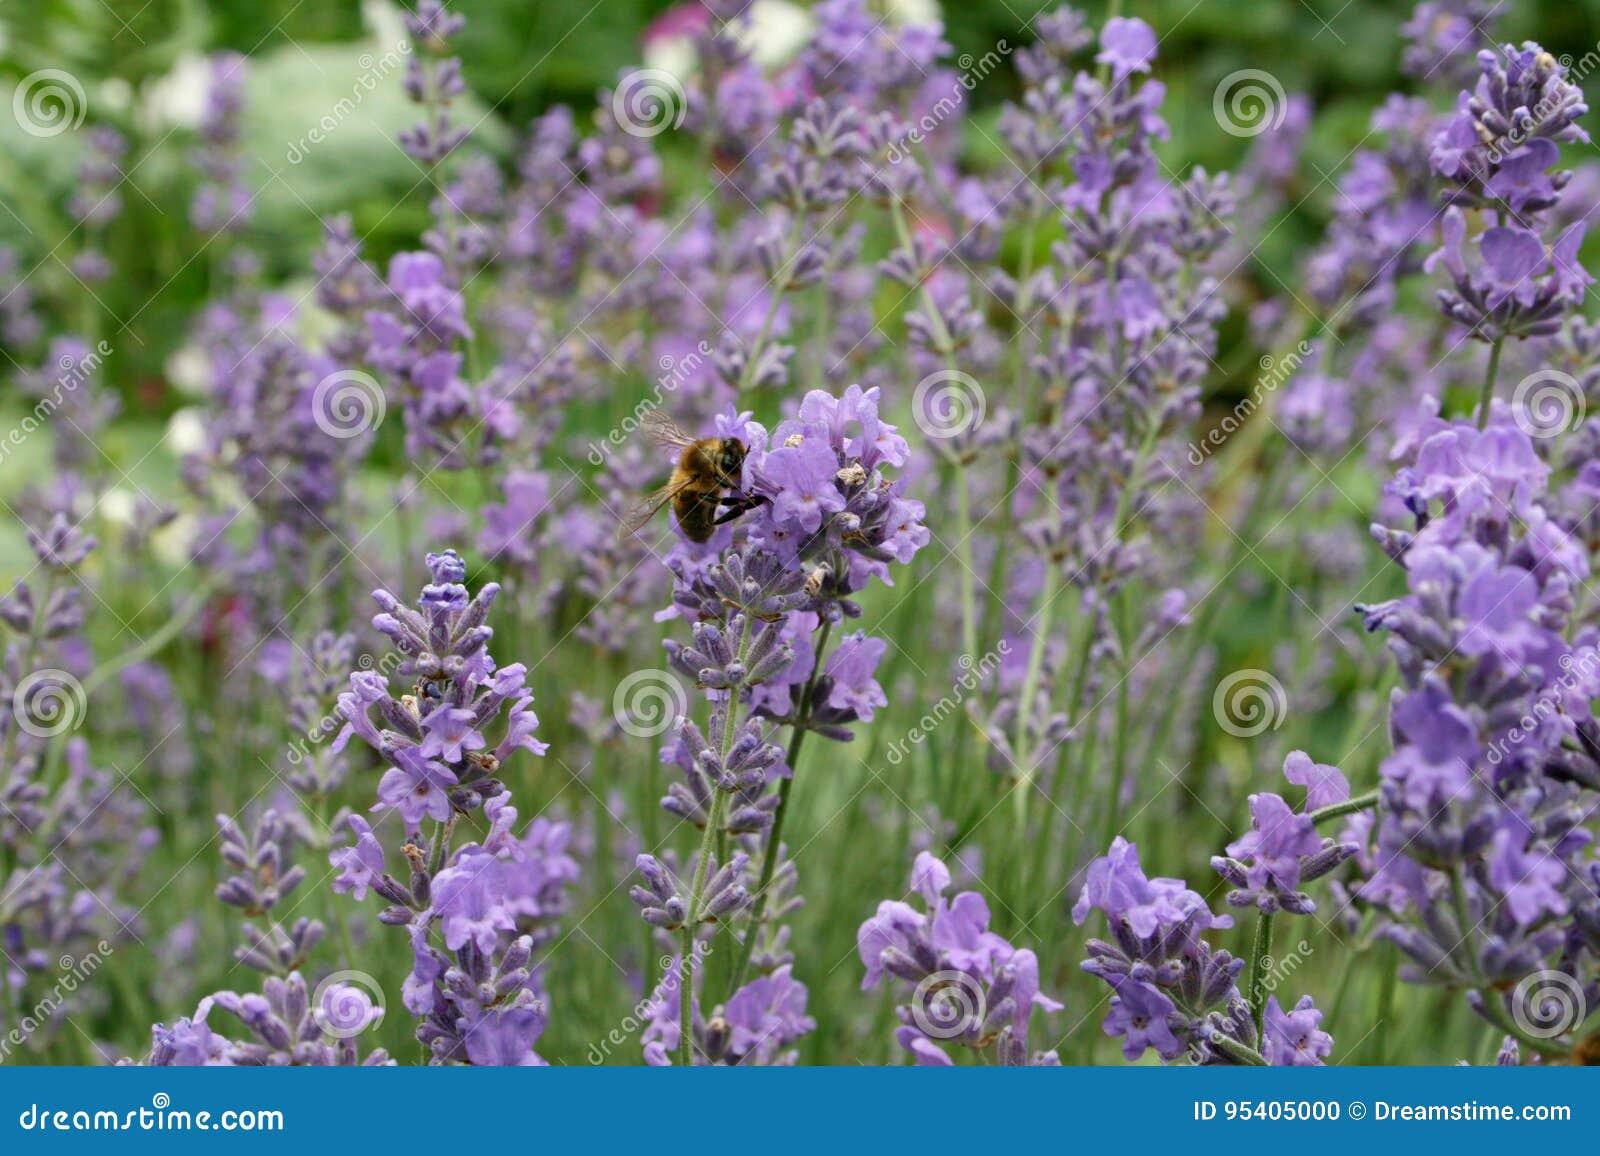 Purpurroter Lavendel, Biene auf einer Blume